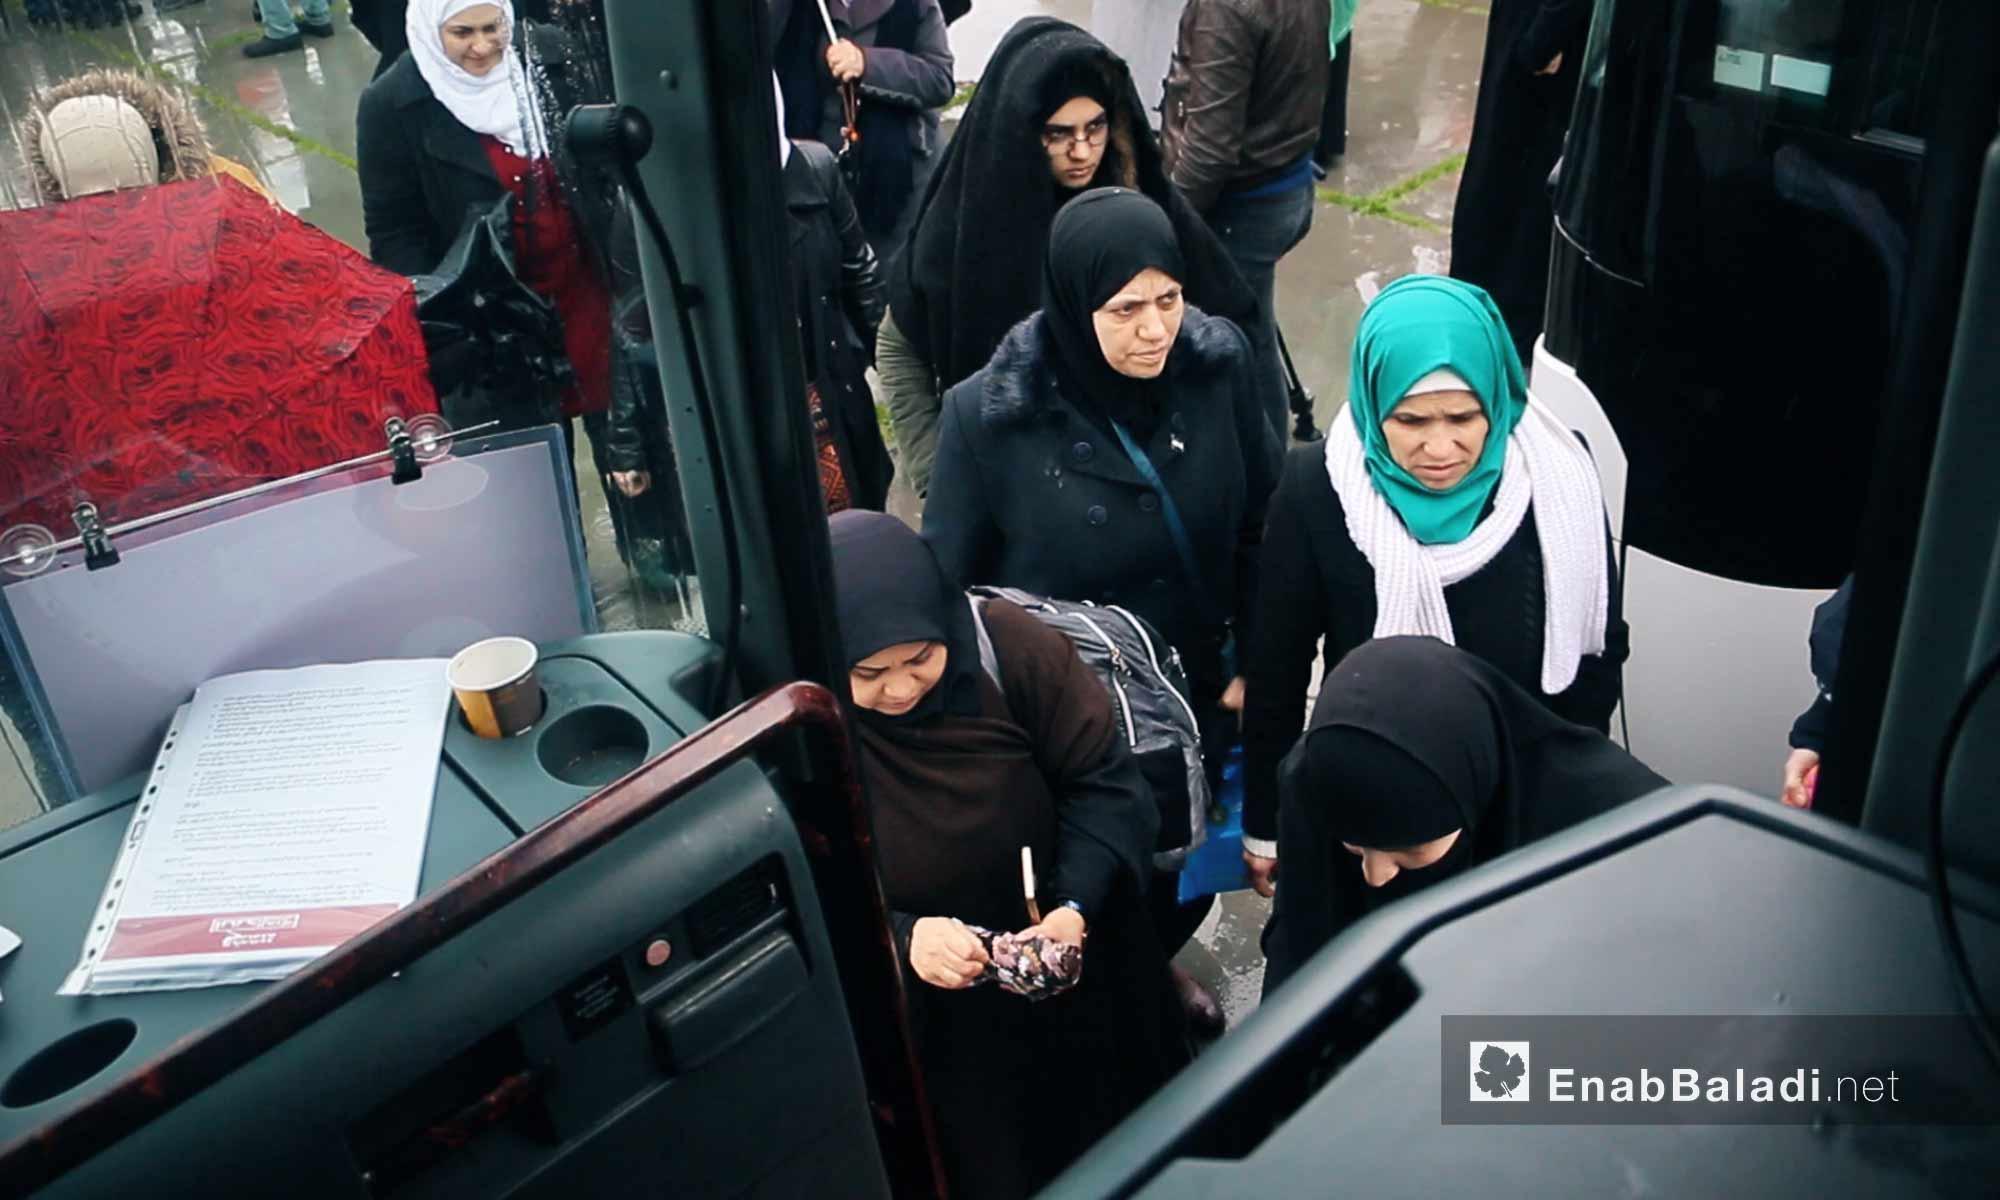 """مشاركات في حافلة تجهيزًا لانطلاق قافلة """"َالضمير"""" لدعم المعتقلات السوريات في اسطنبول - 6 آذار 2018 (عنب بلدي)"""